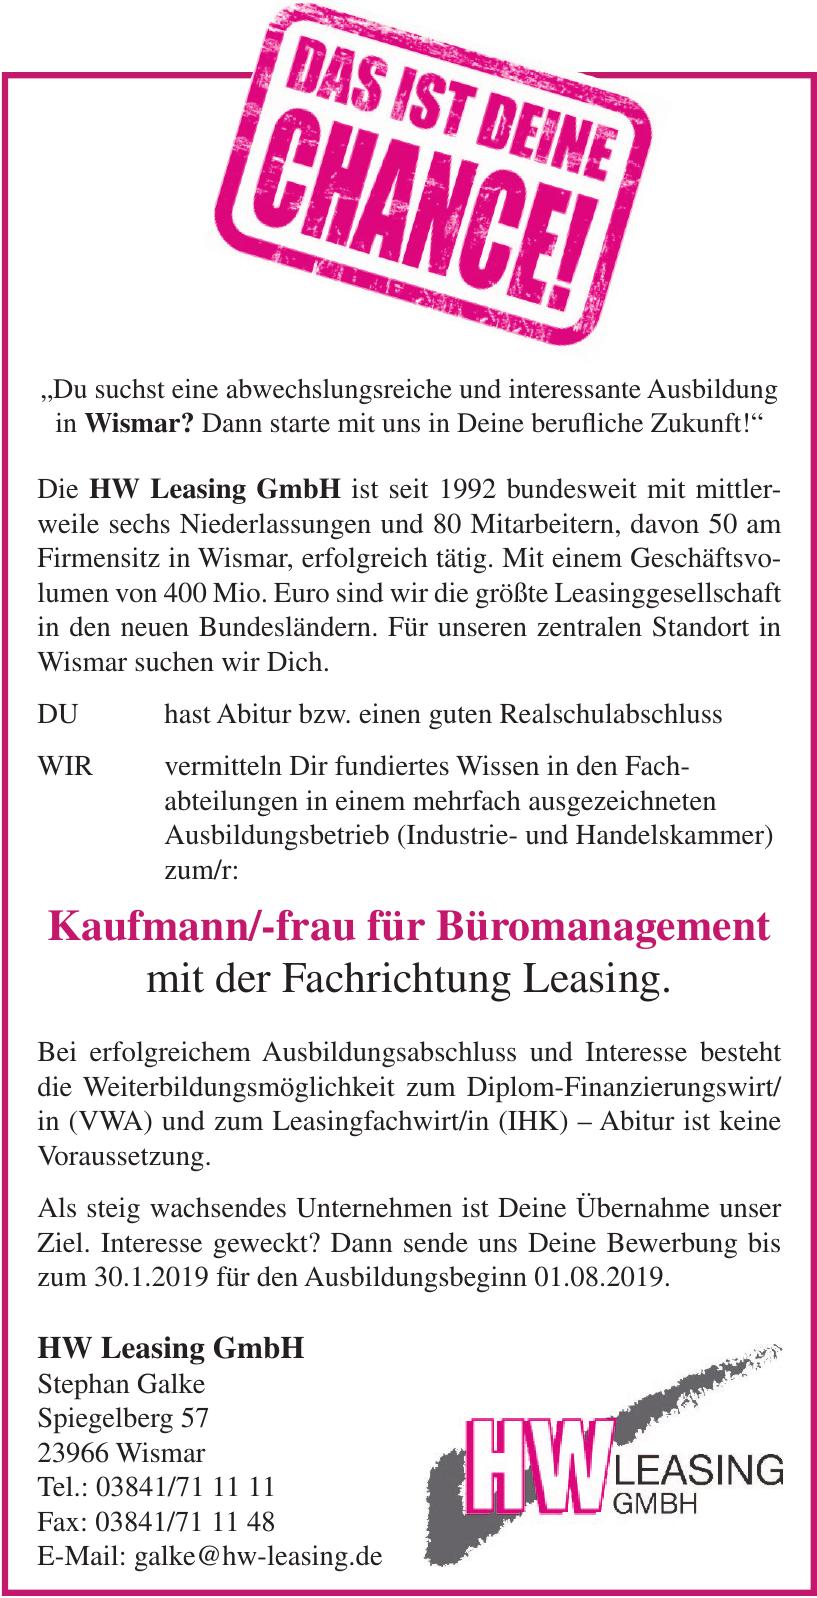 HW Leasing GmbH